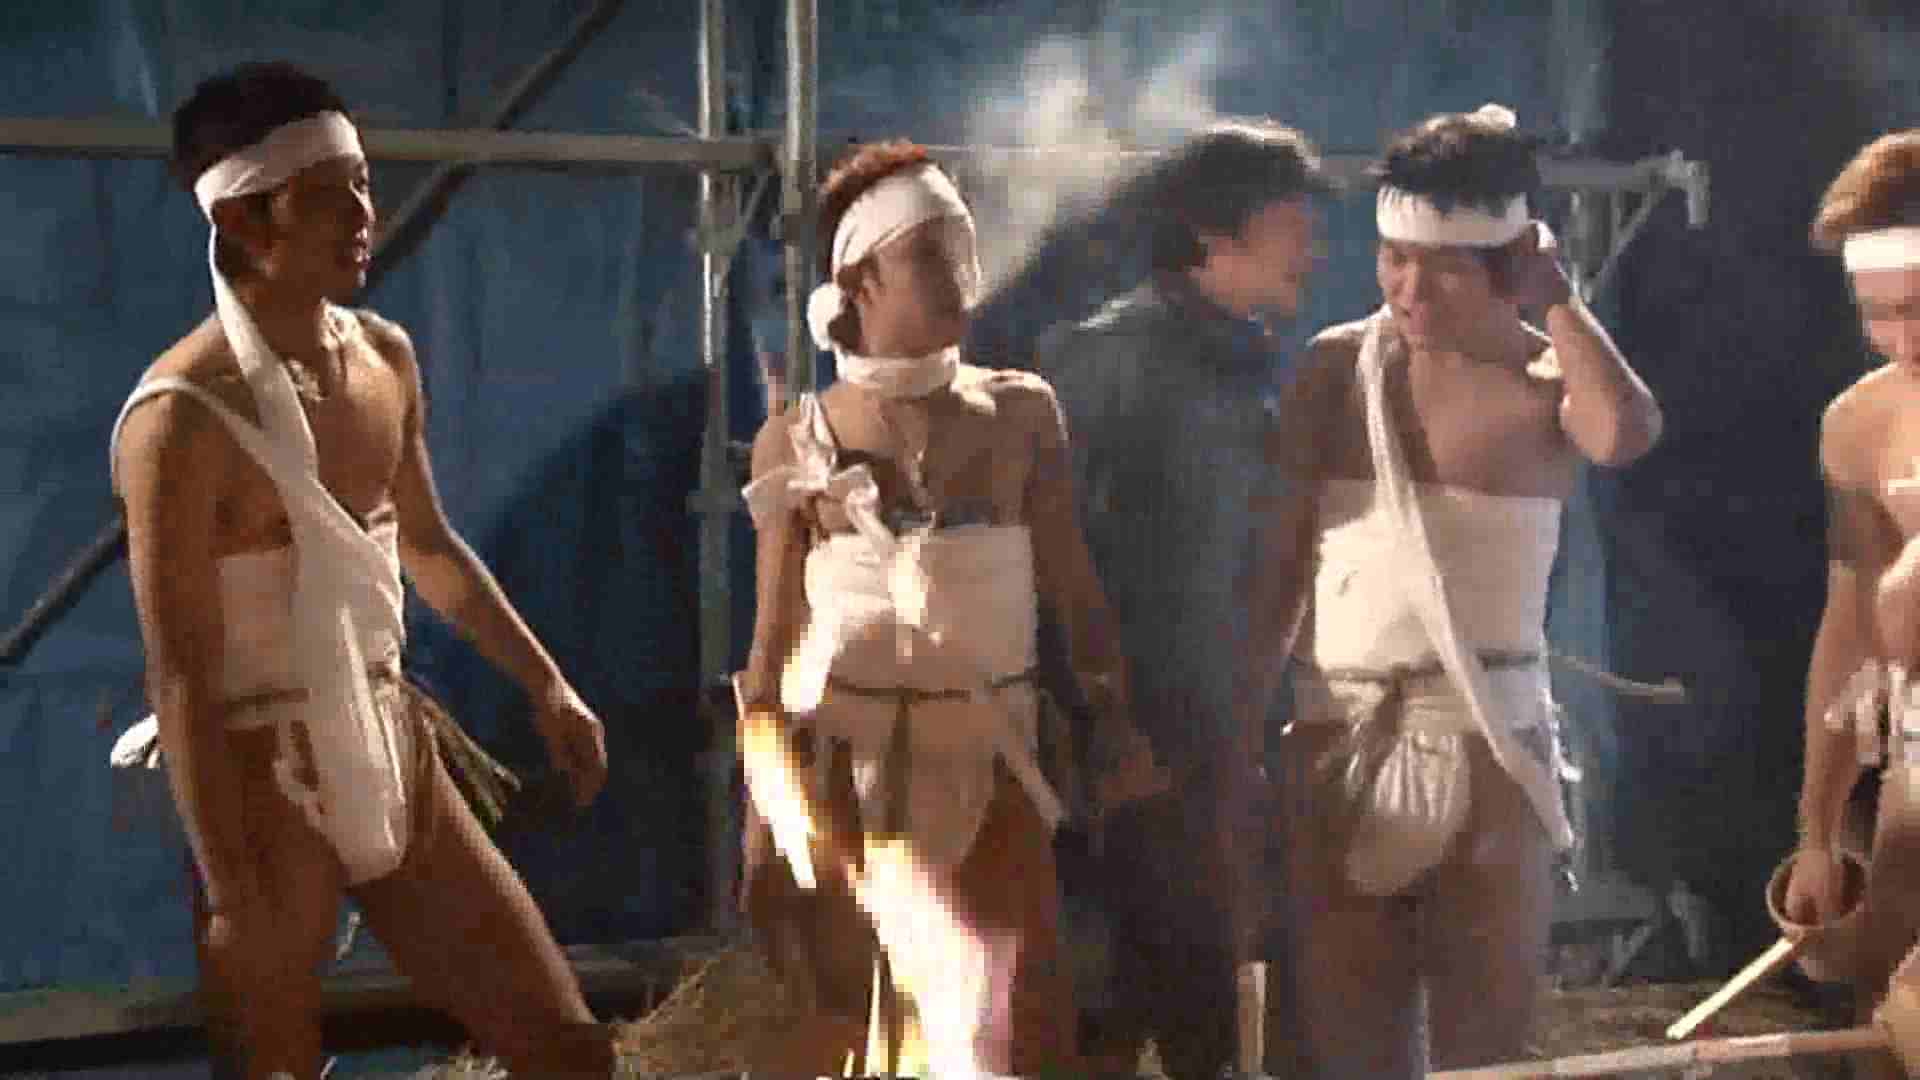 ゲイザーメン動画|日本の祭り第11弾!美●野●神社裸祭りハイビジョン編VOL.03|ふんどし